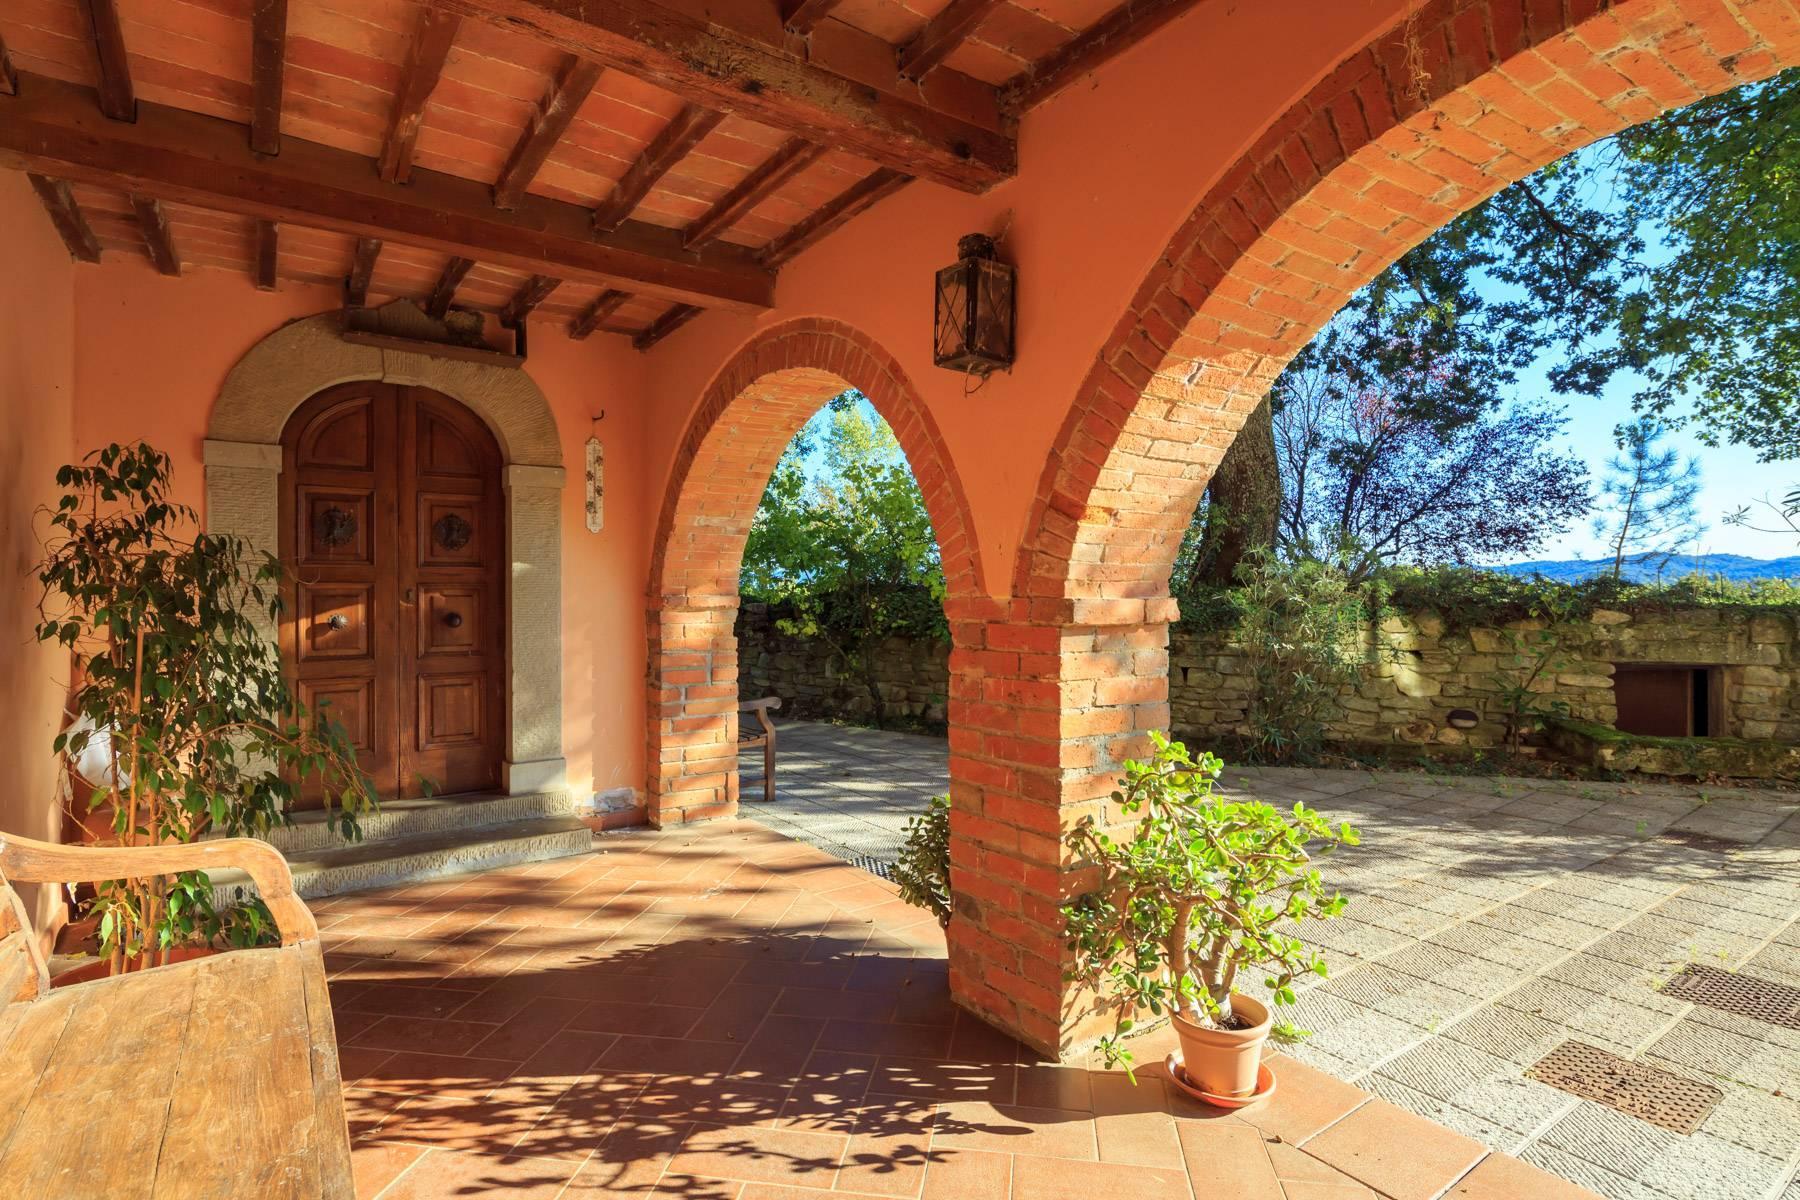 Villa historique dans la campagne toscane - 7